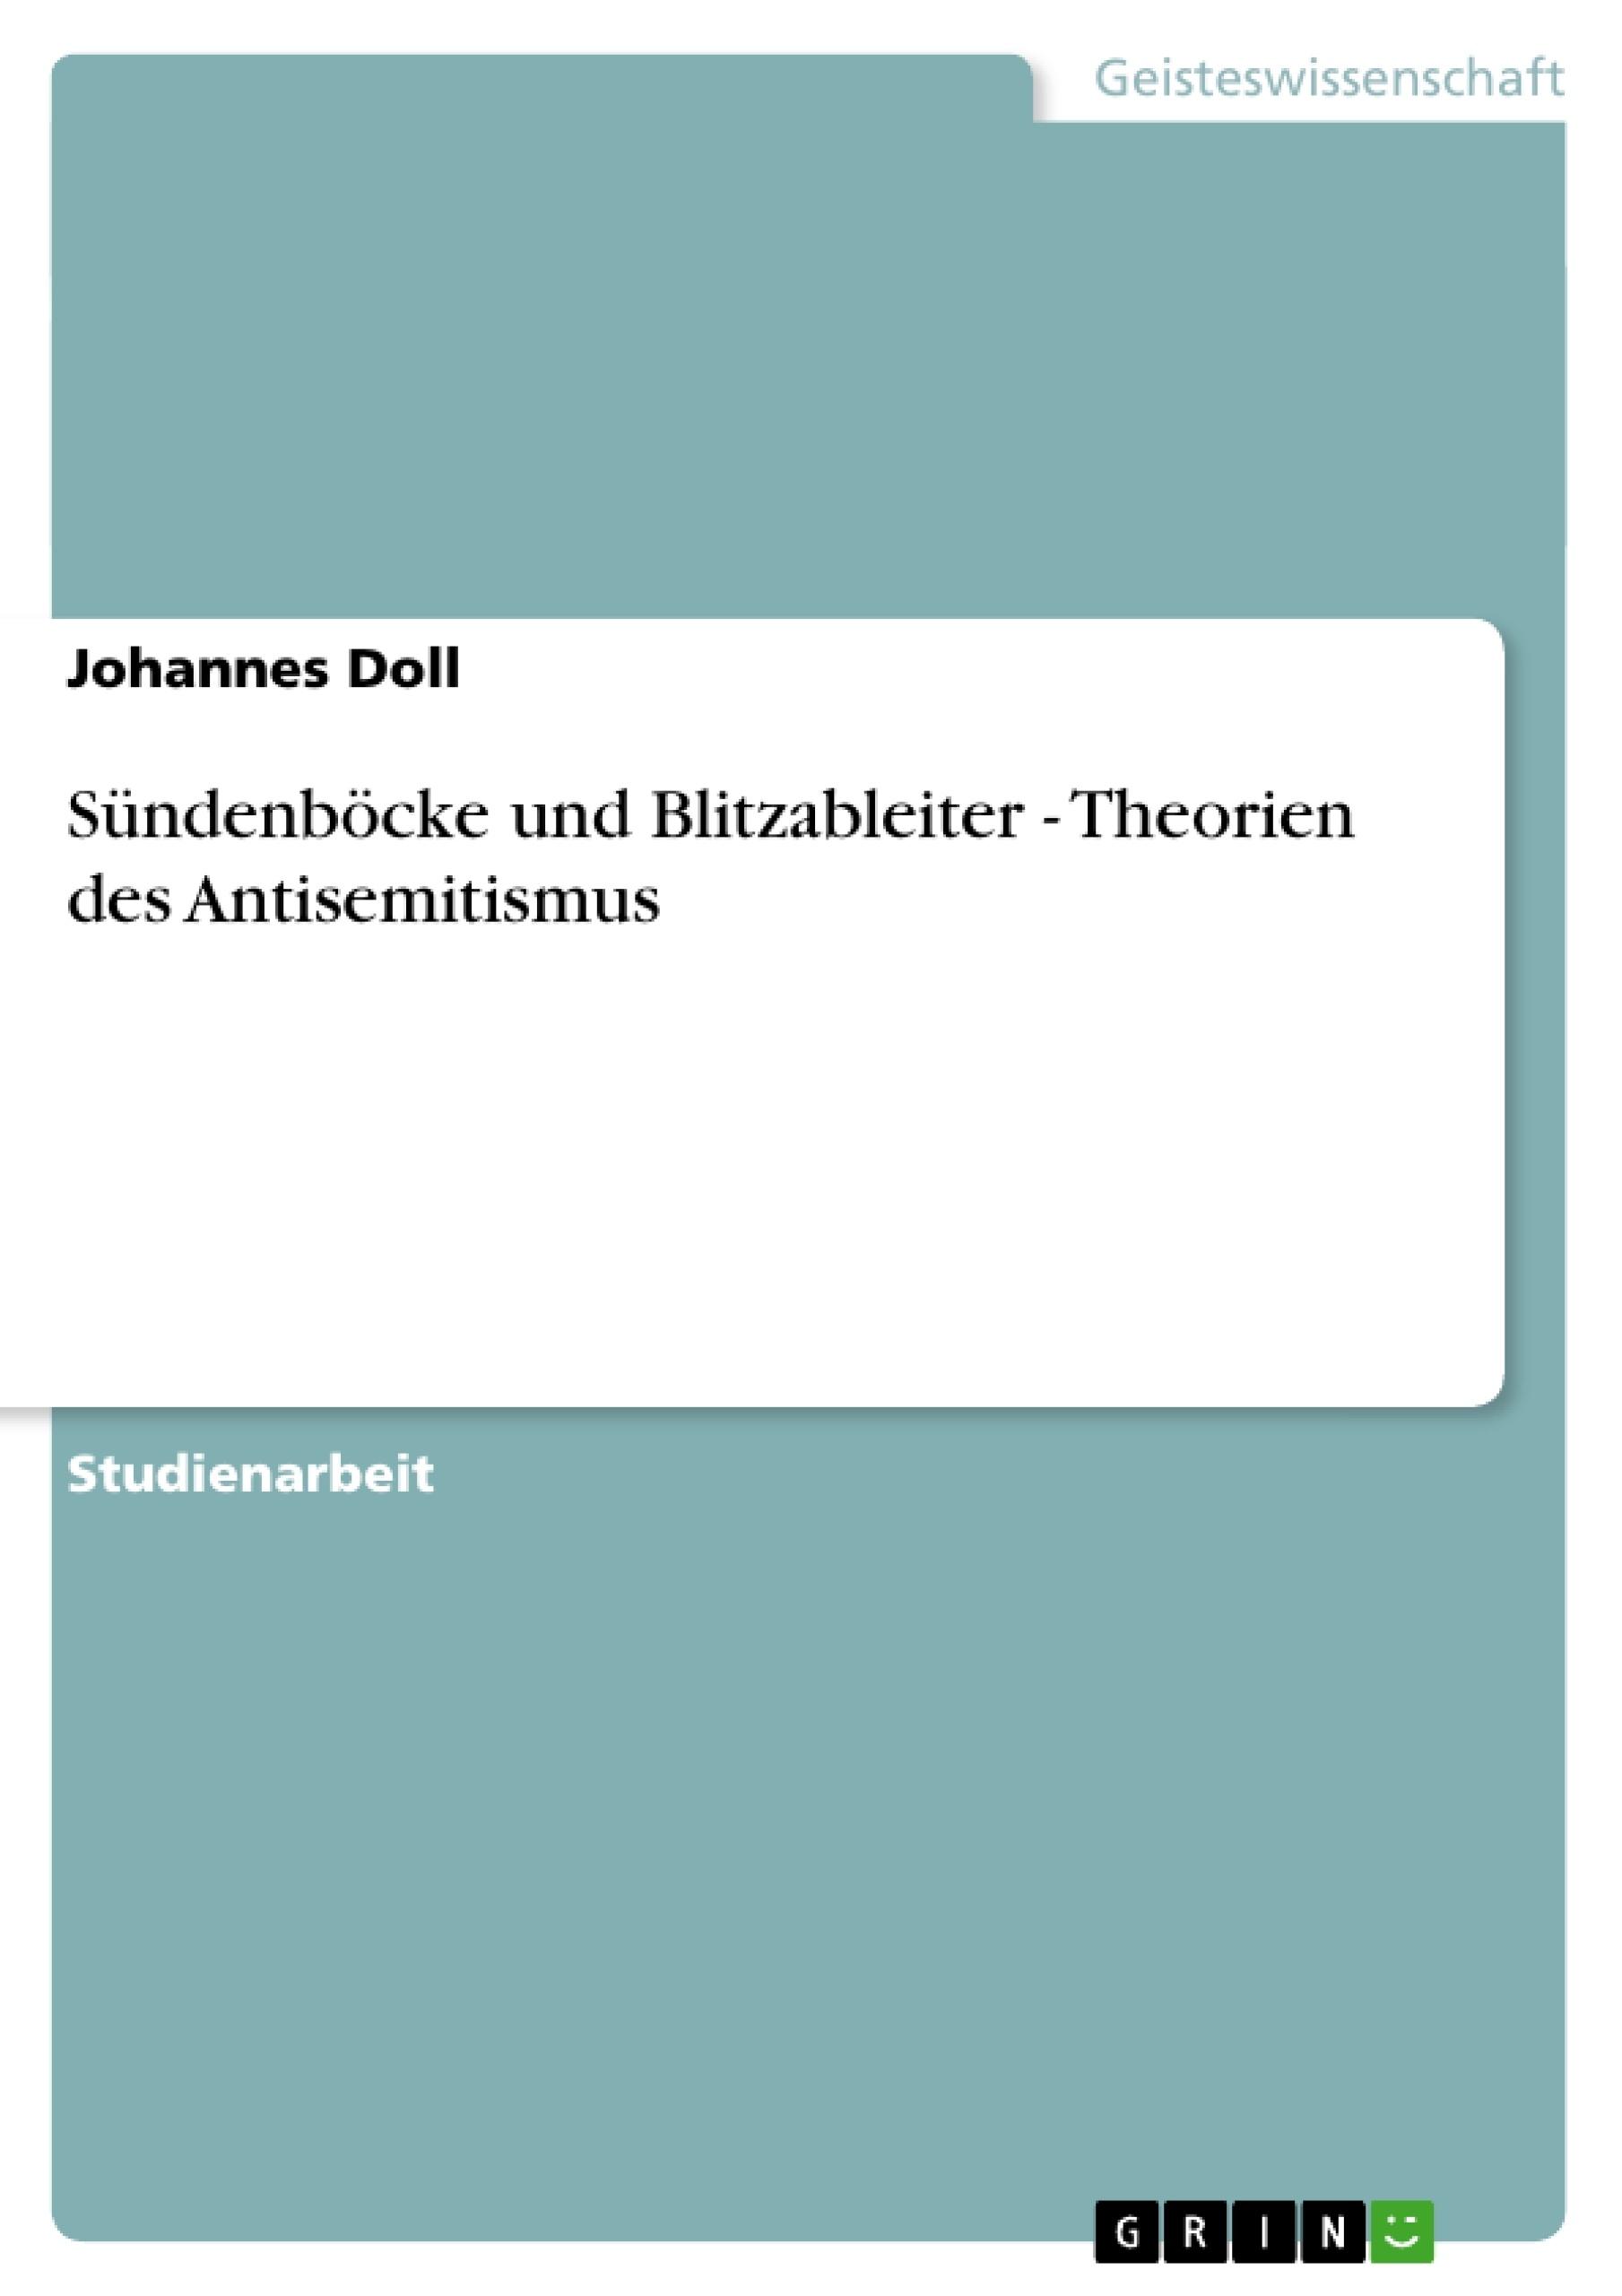 Titel: Sündenböcke und Blitzableiter - Theorien des Antisemitismus